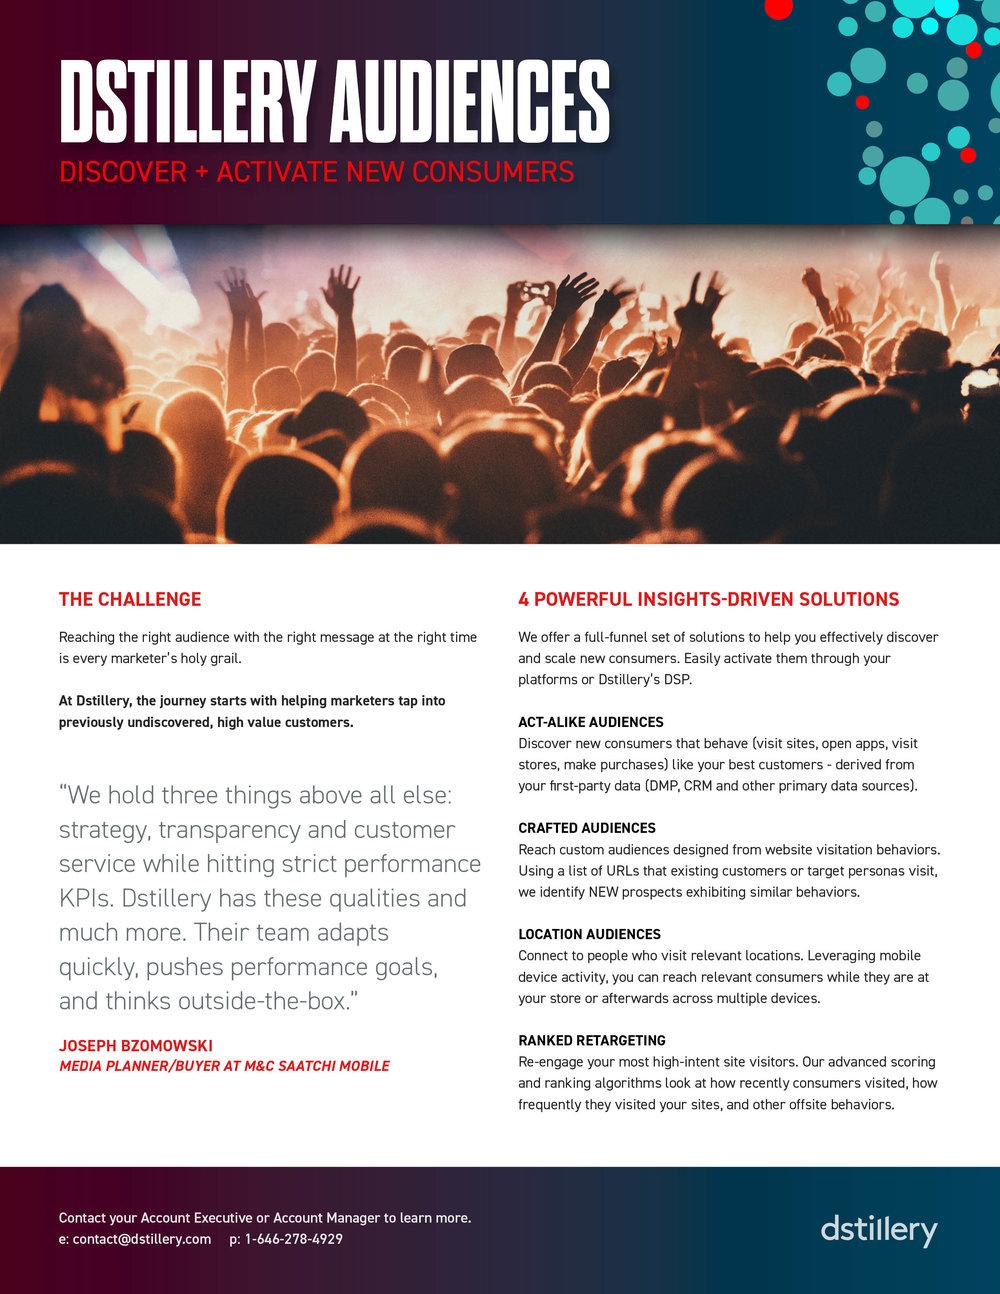 Dstillery-Audiences-One-Sheet.jpg